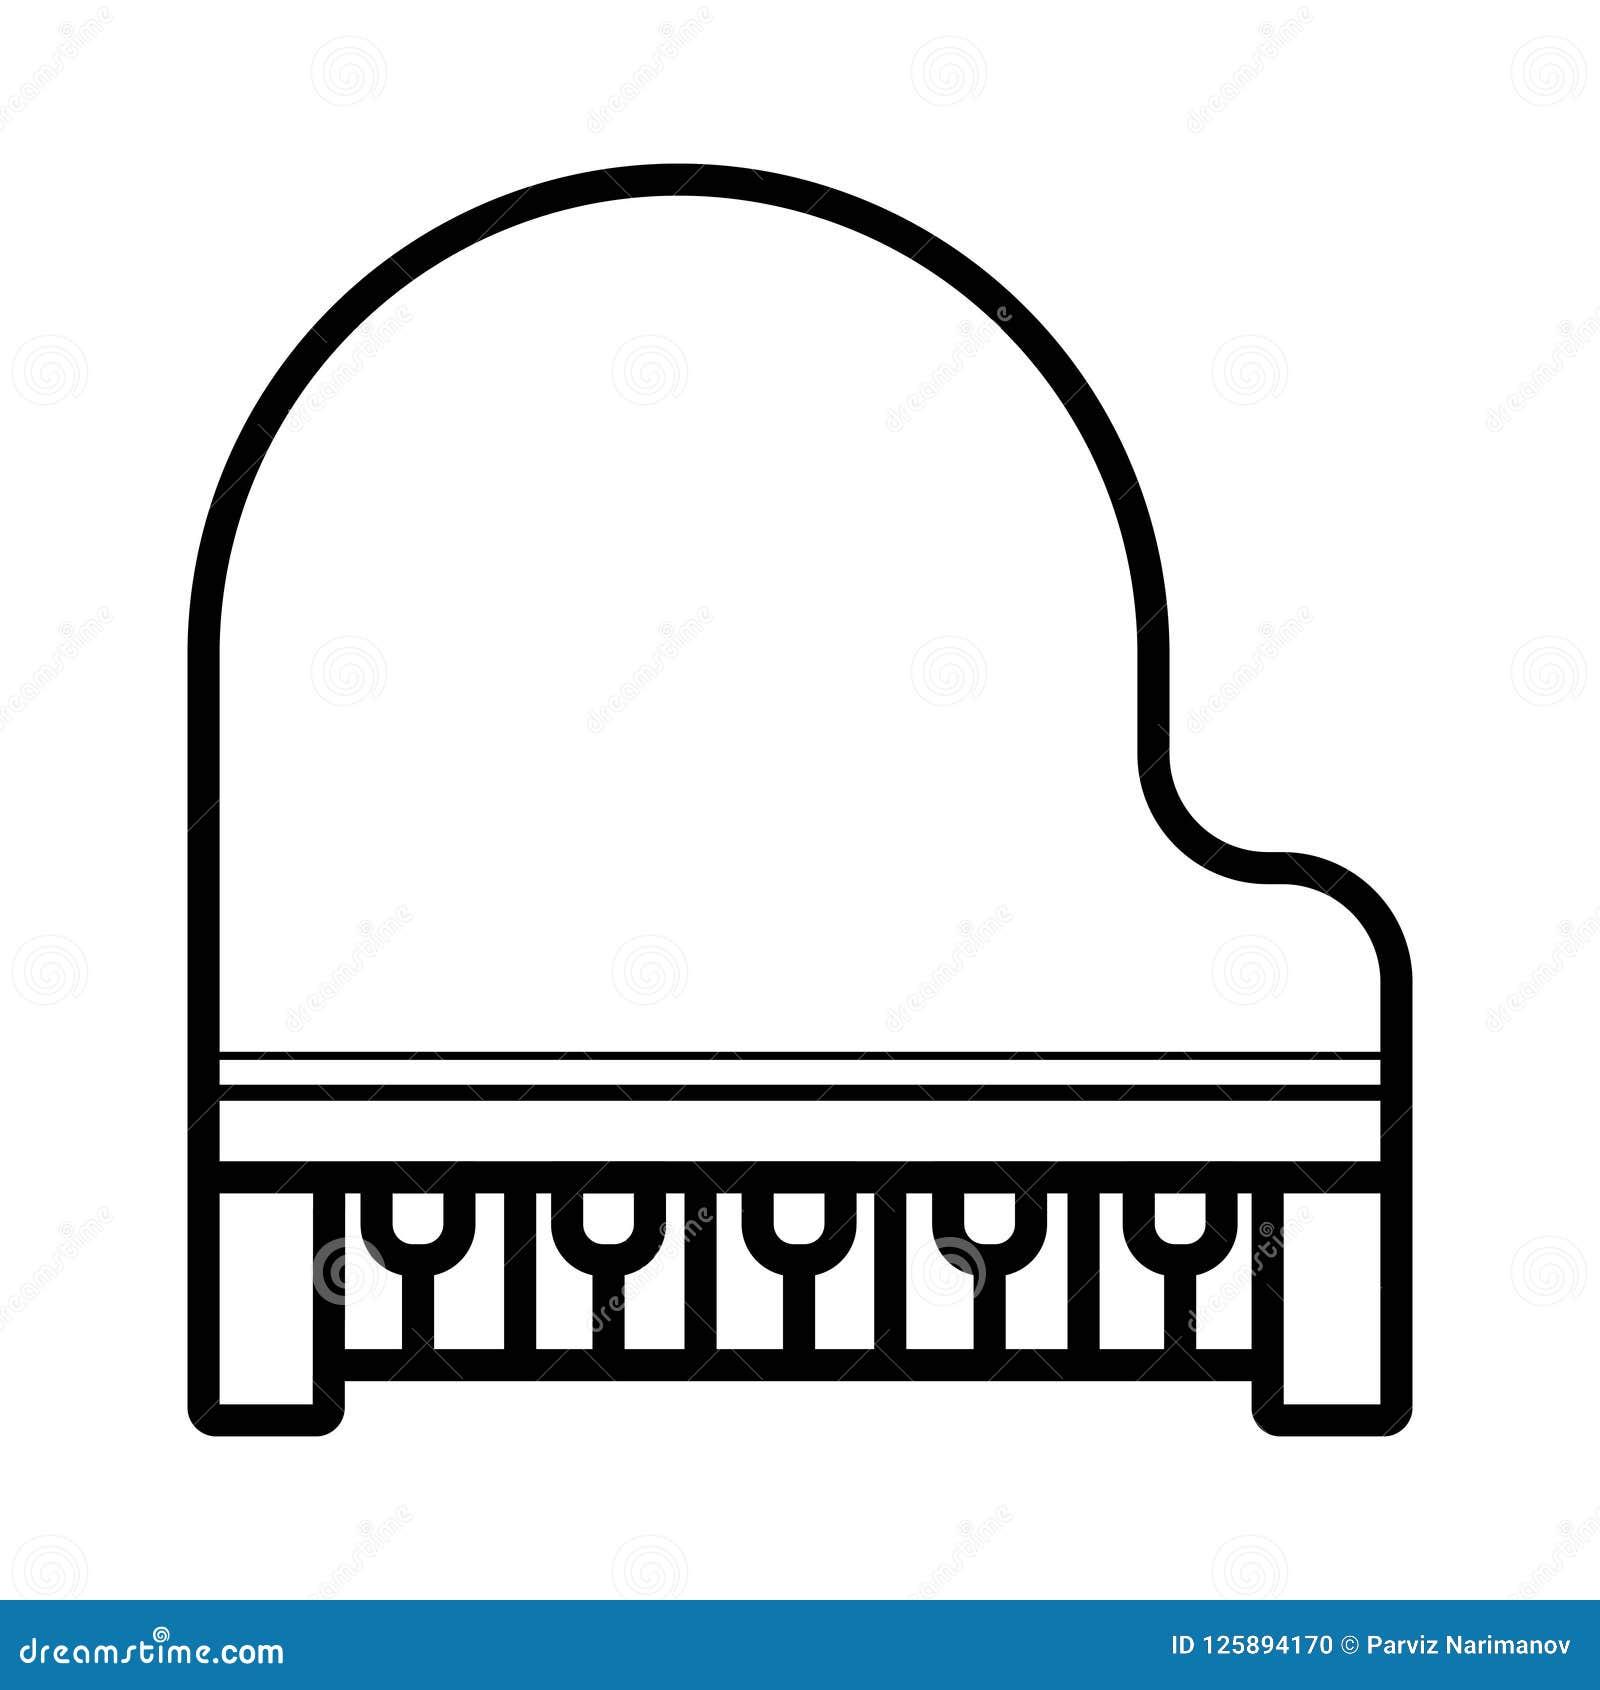 Μεγάλο εικονίδιο γραμμών πιάνων διανυσματικό που απομονώνεται στο άσπρο υπόβαθρο μεγάλος